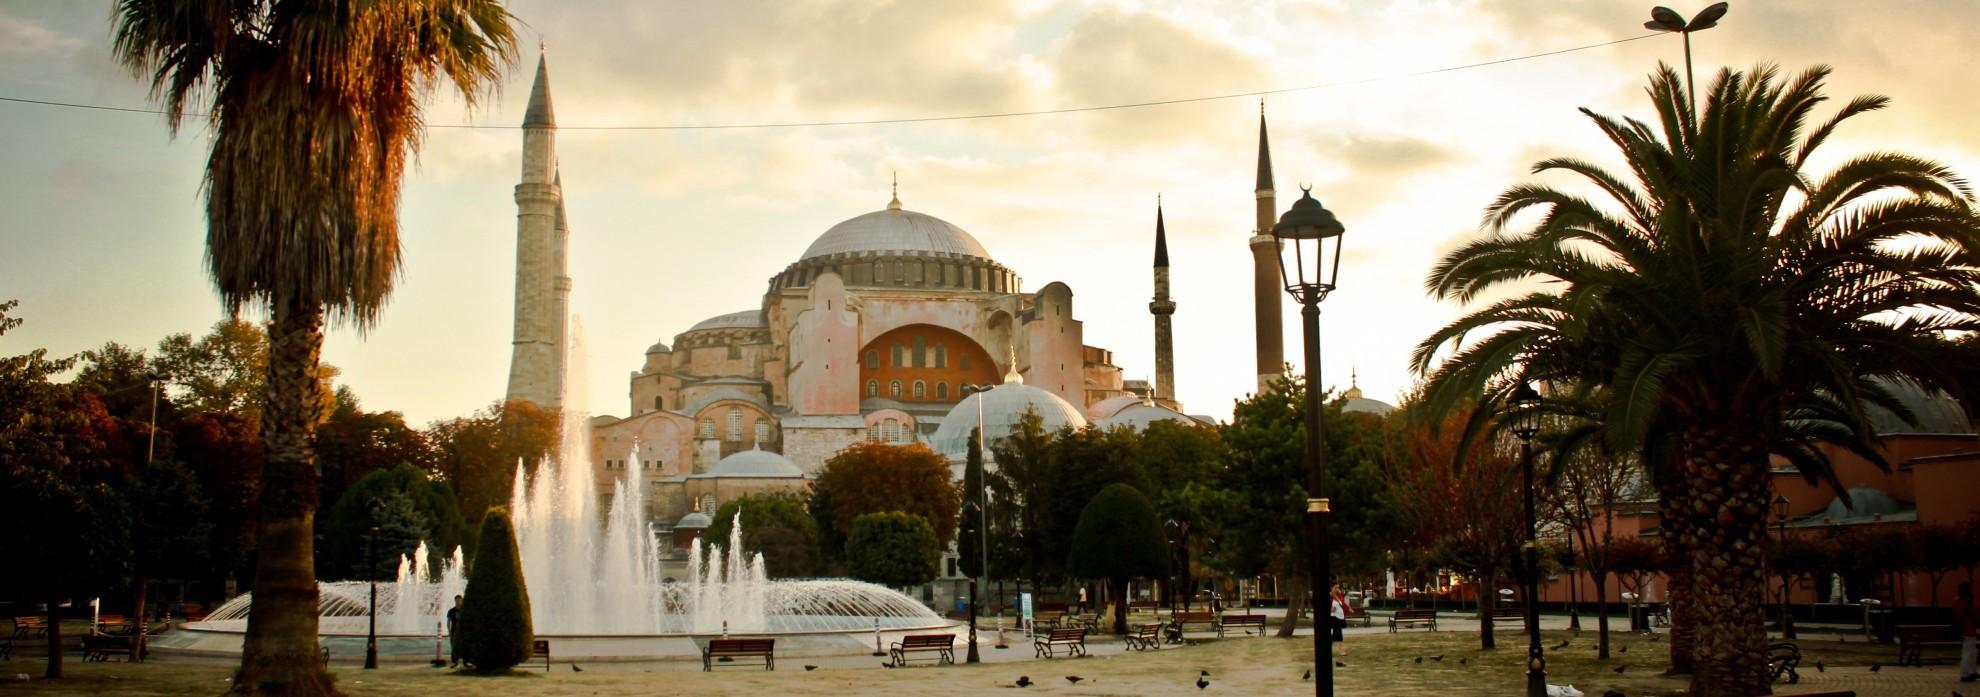 Aya_Sofia_Istanbul-e1412160324859